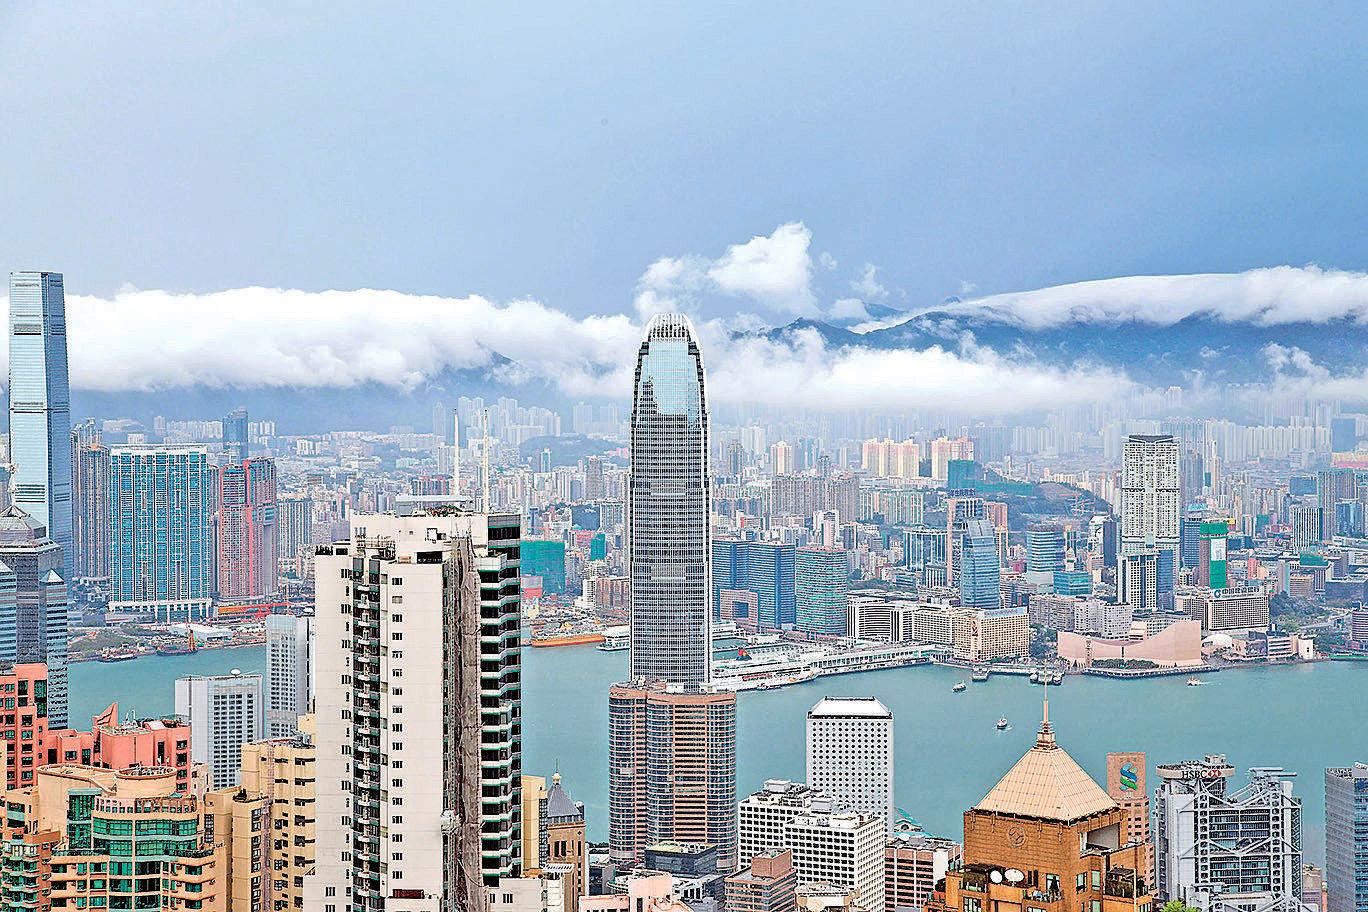 美國傳統基金會發表《2017經濟自由度指數》報告,香港以89.8分連續23年獲評選為全球最自由經濟體第一名。(大紀元資料圖片)